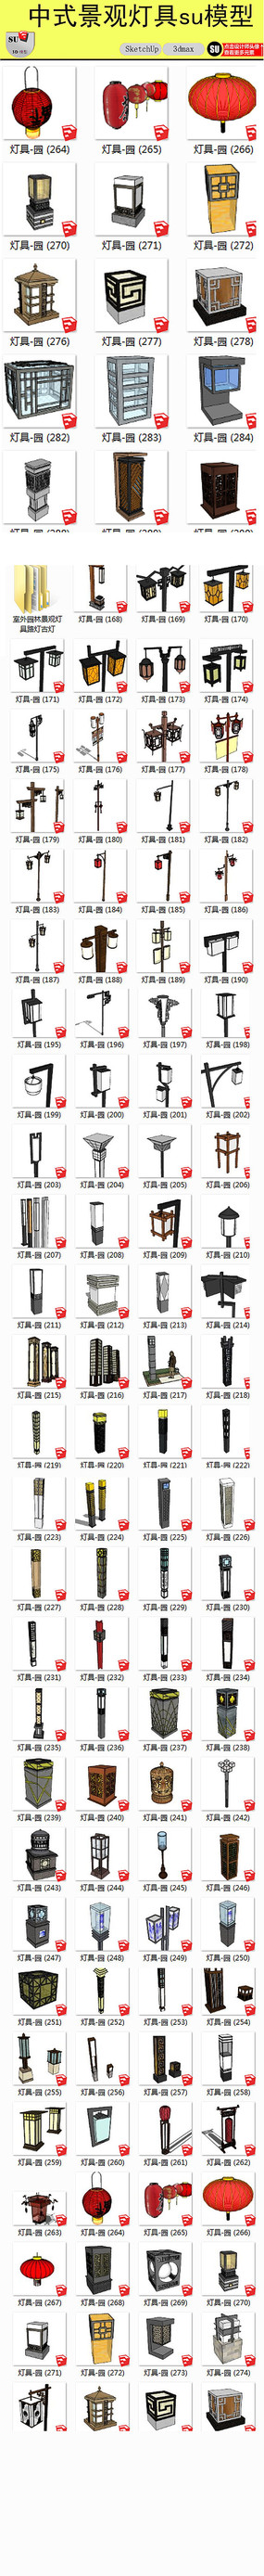 中式景观灯具